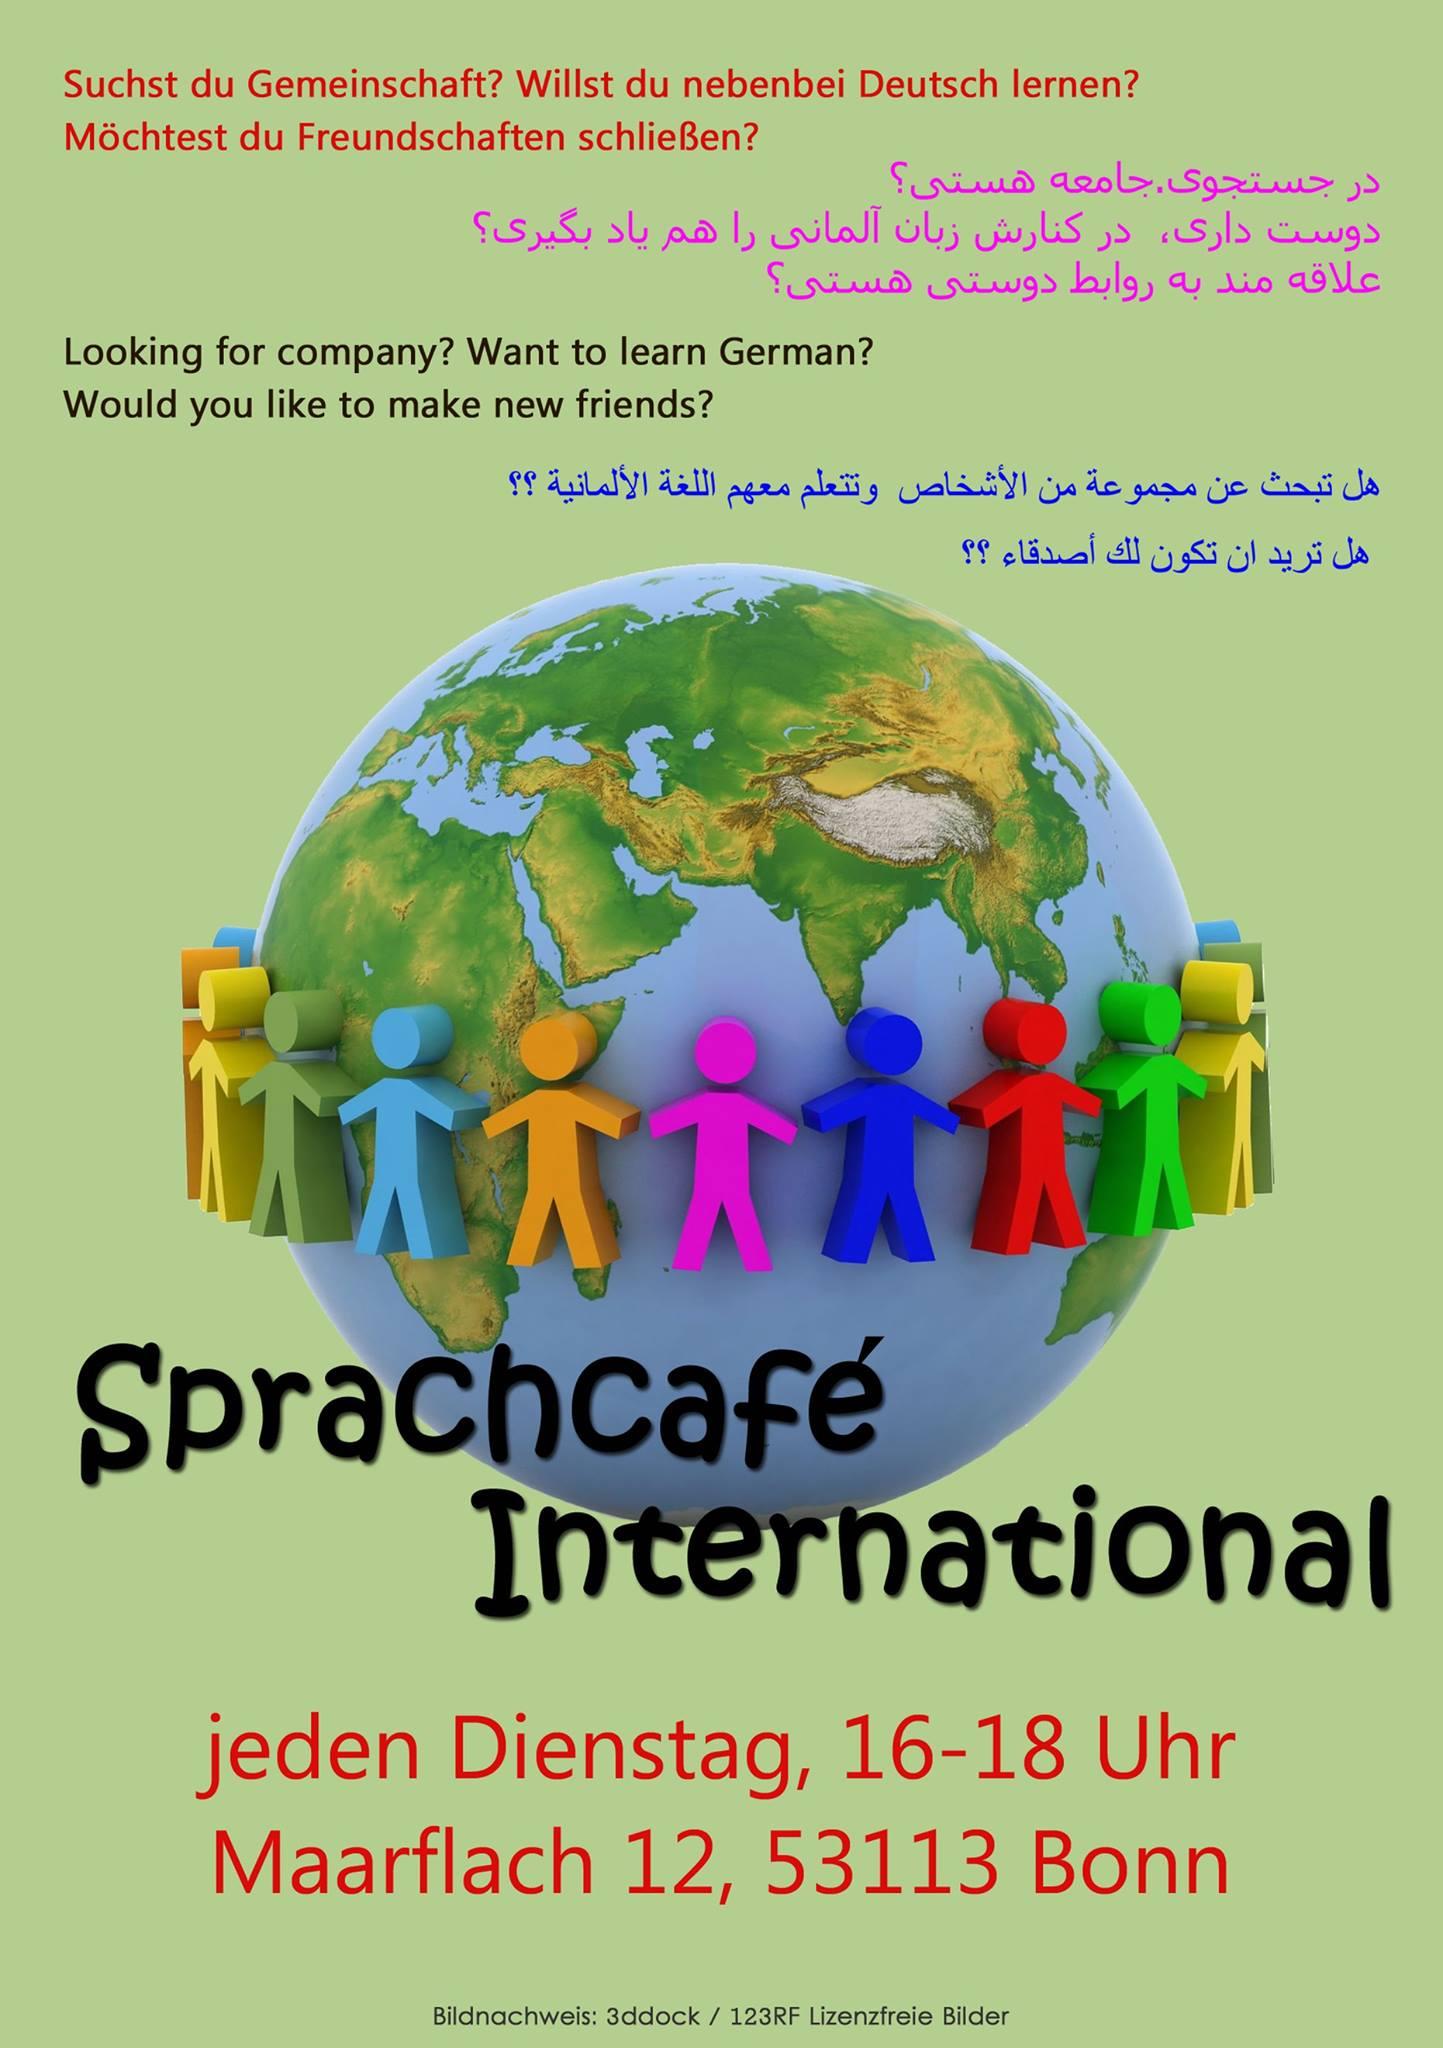 Sprachcafé International